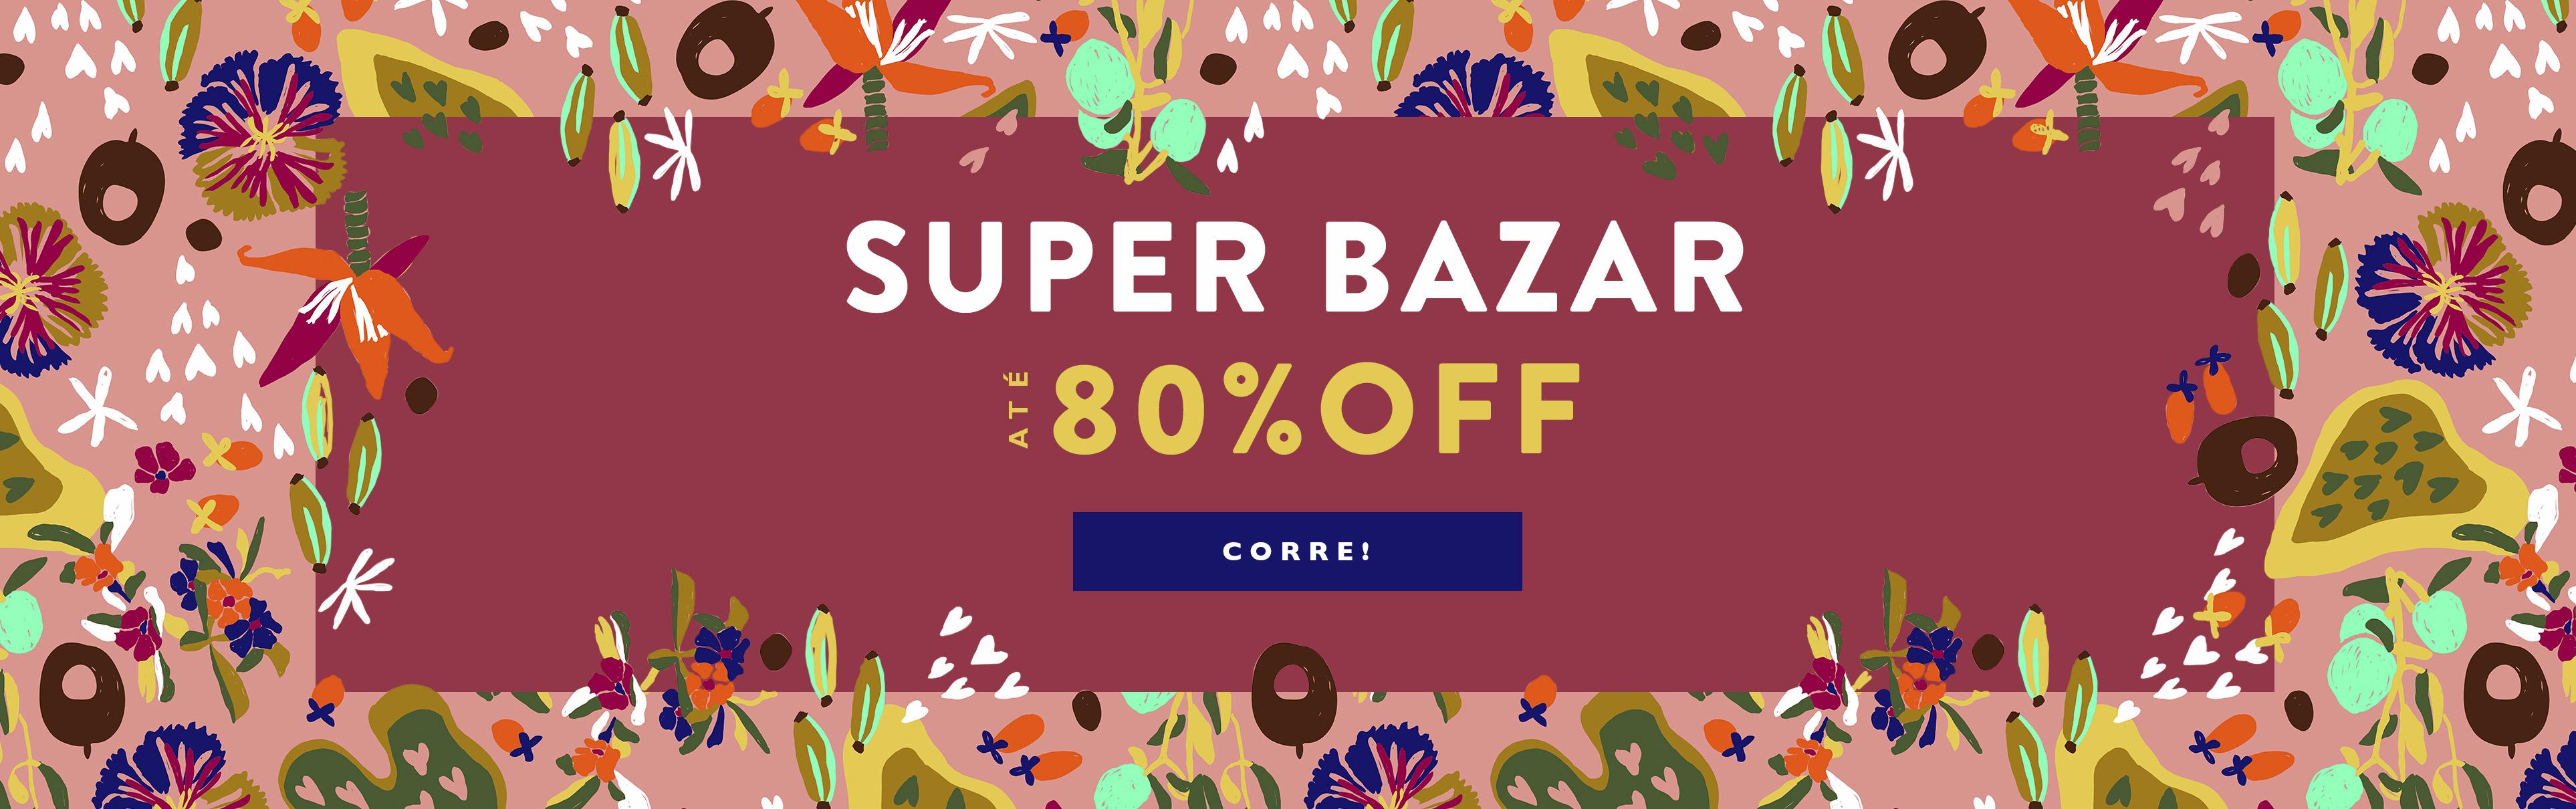 Super Bazar Até 80% Off